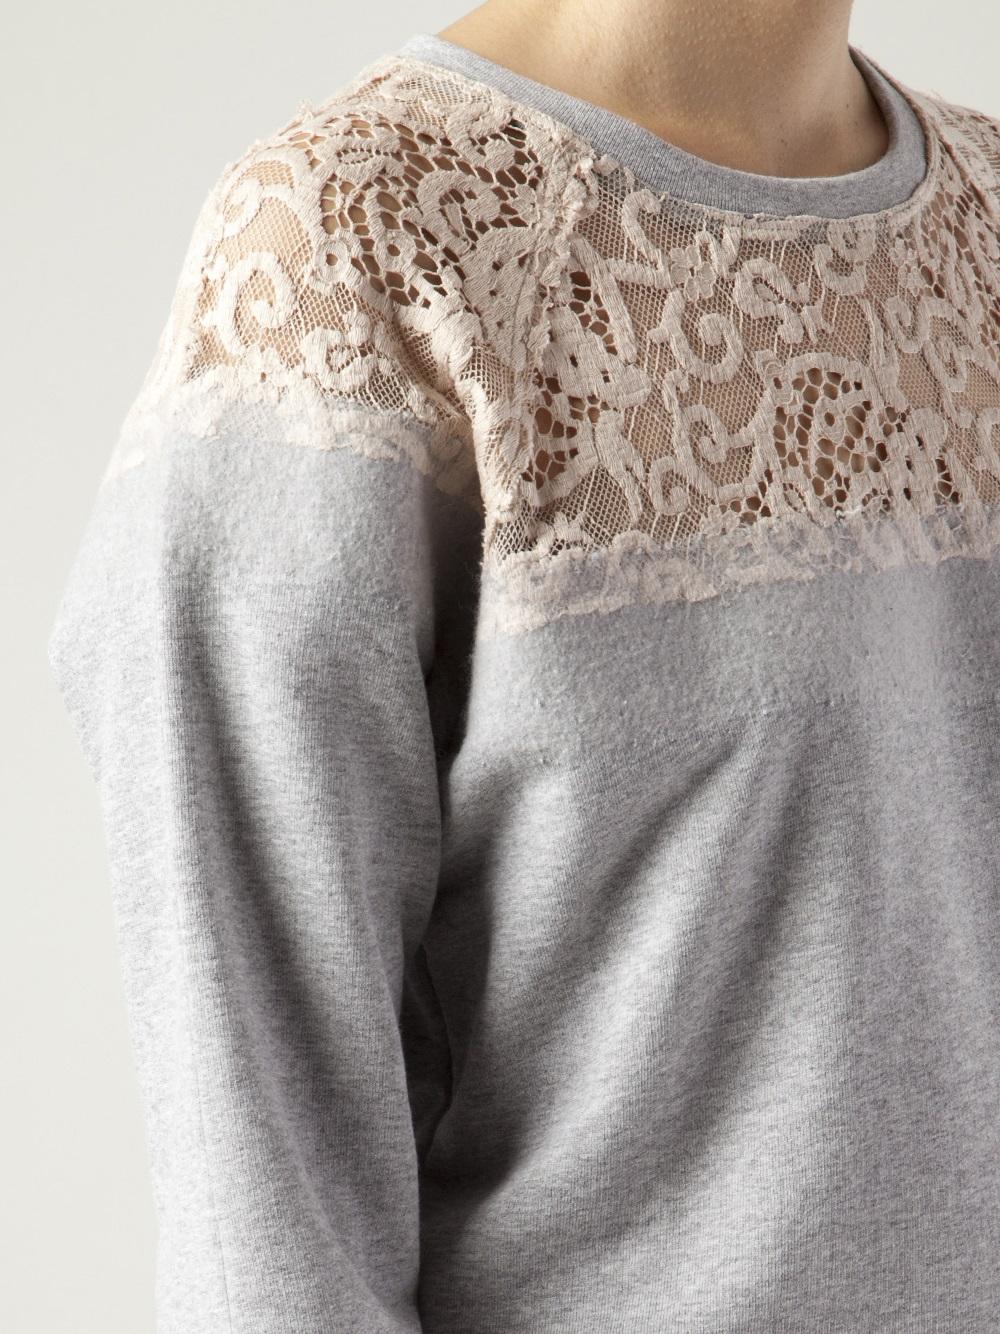 1d164f70c8 Lyst - MSGM Lace Sweatshirt in Gray